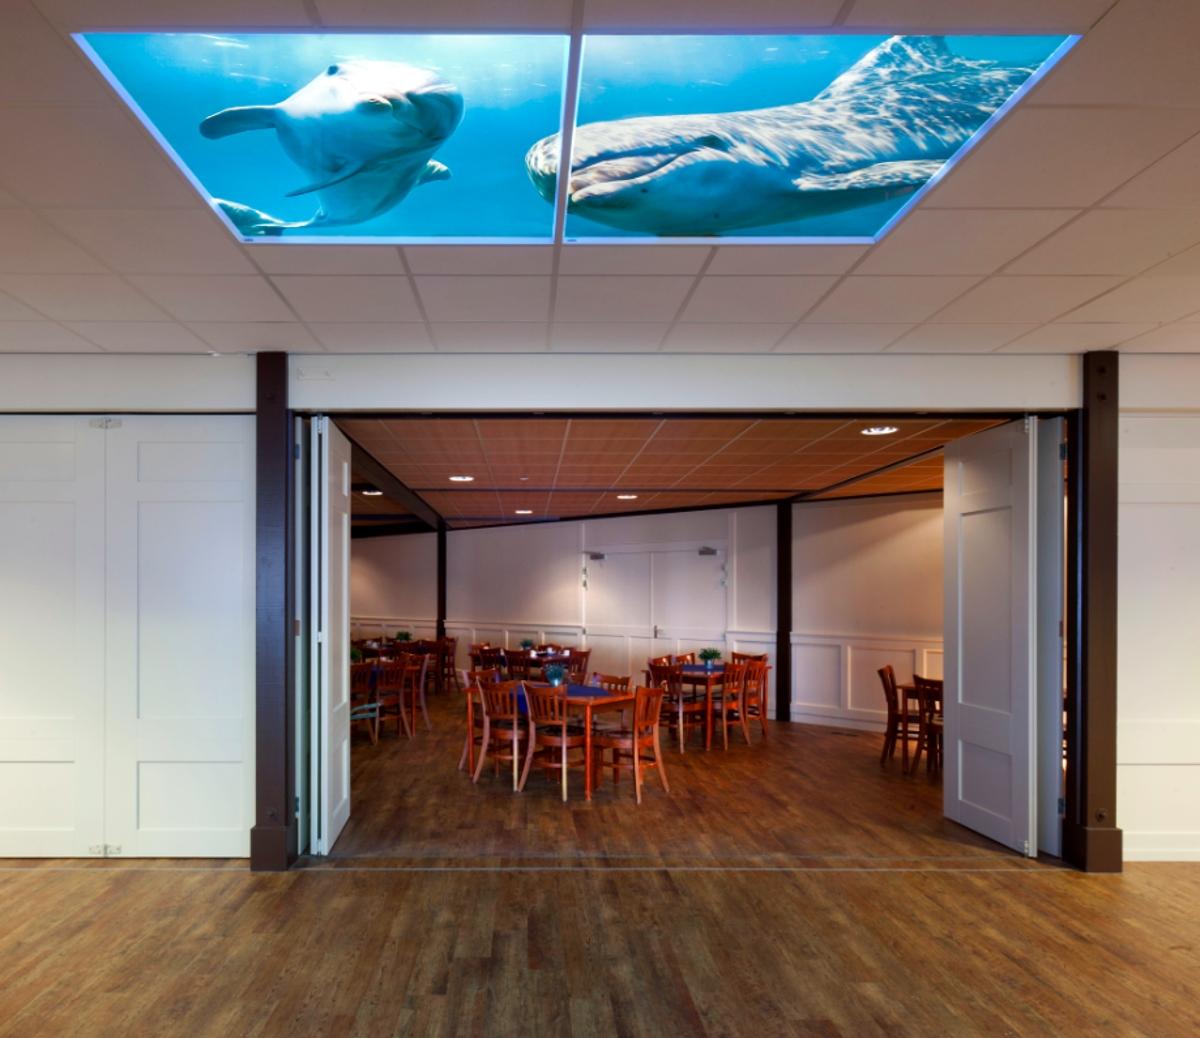 Faux plafond led illusion sous l'océan